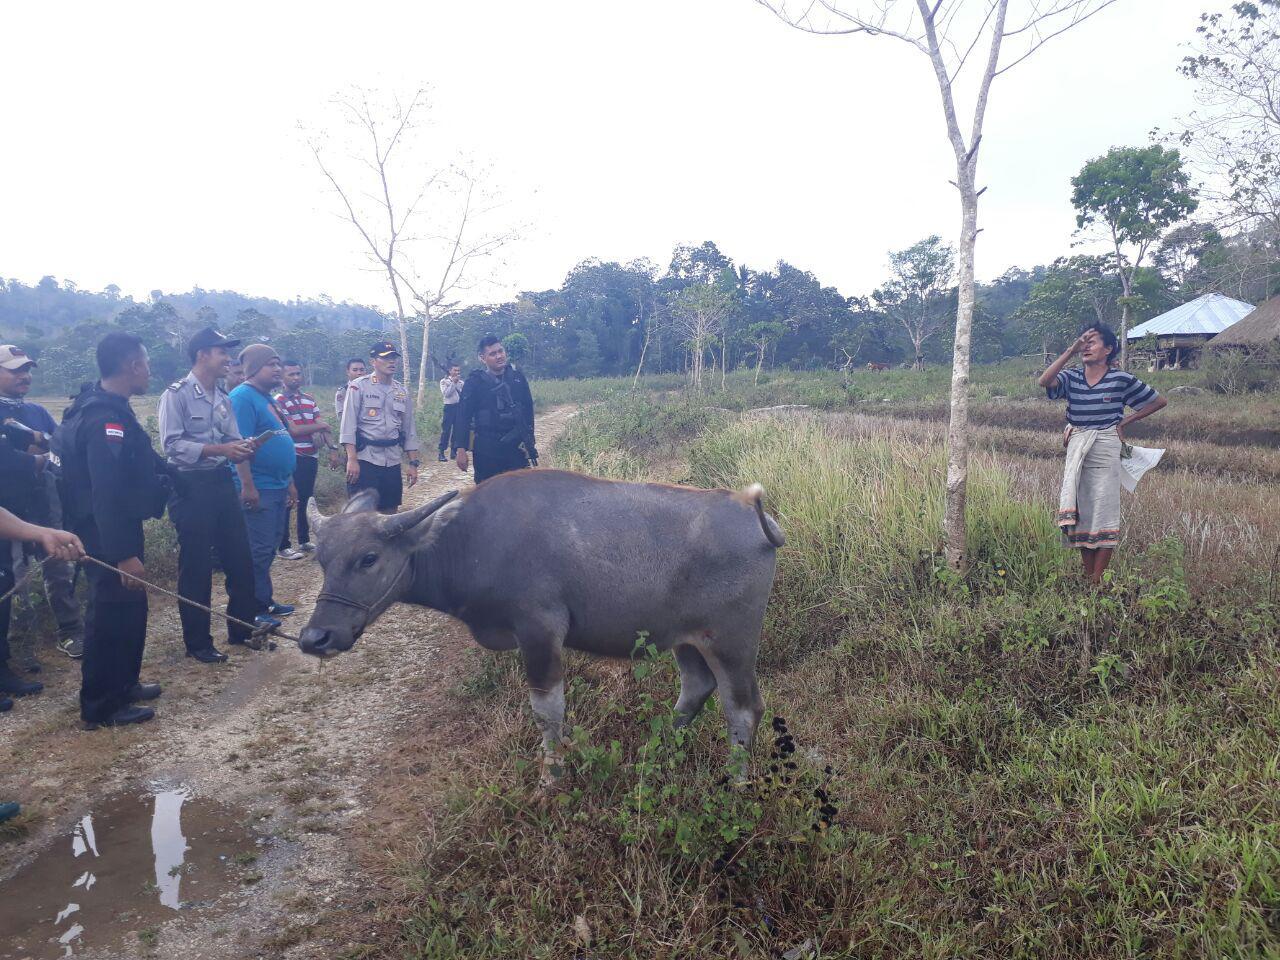 Kapolres Sumba Barat Pimpin Operasi Padang Penyisiran Hewan Ternak Bersama Pasukan BKO Polda NTT